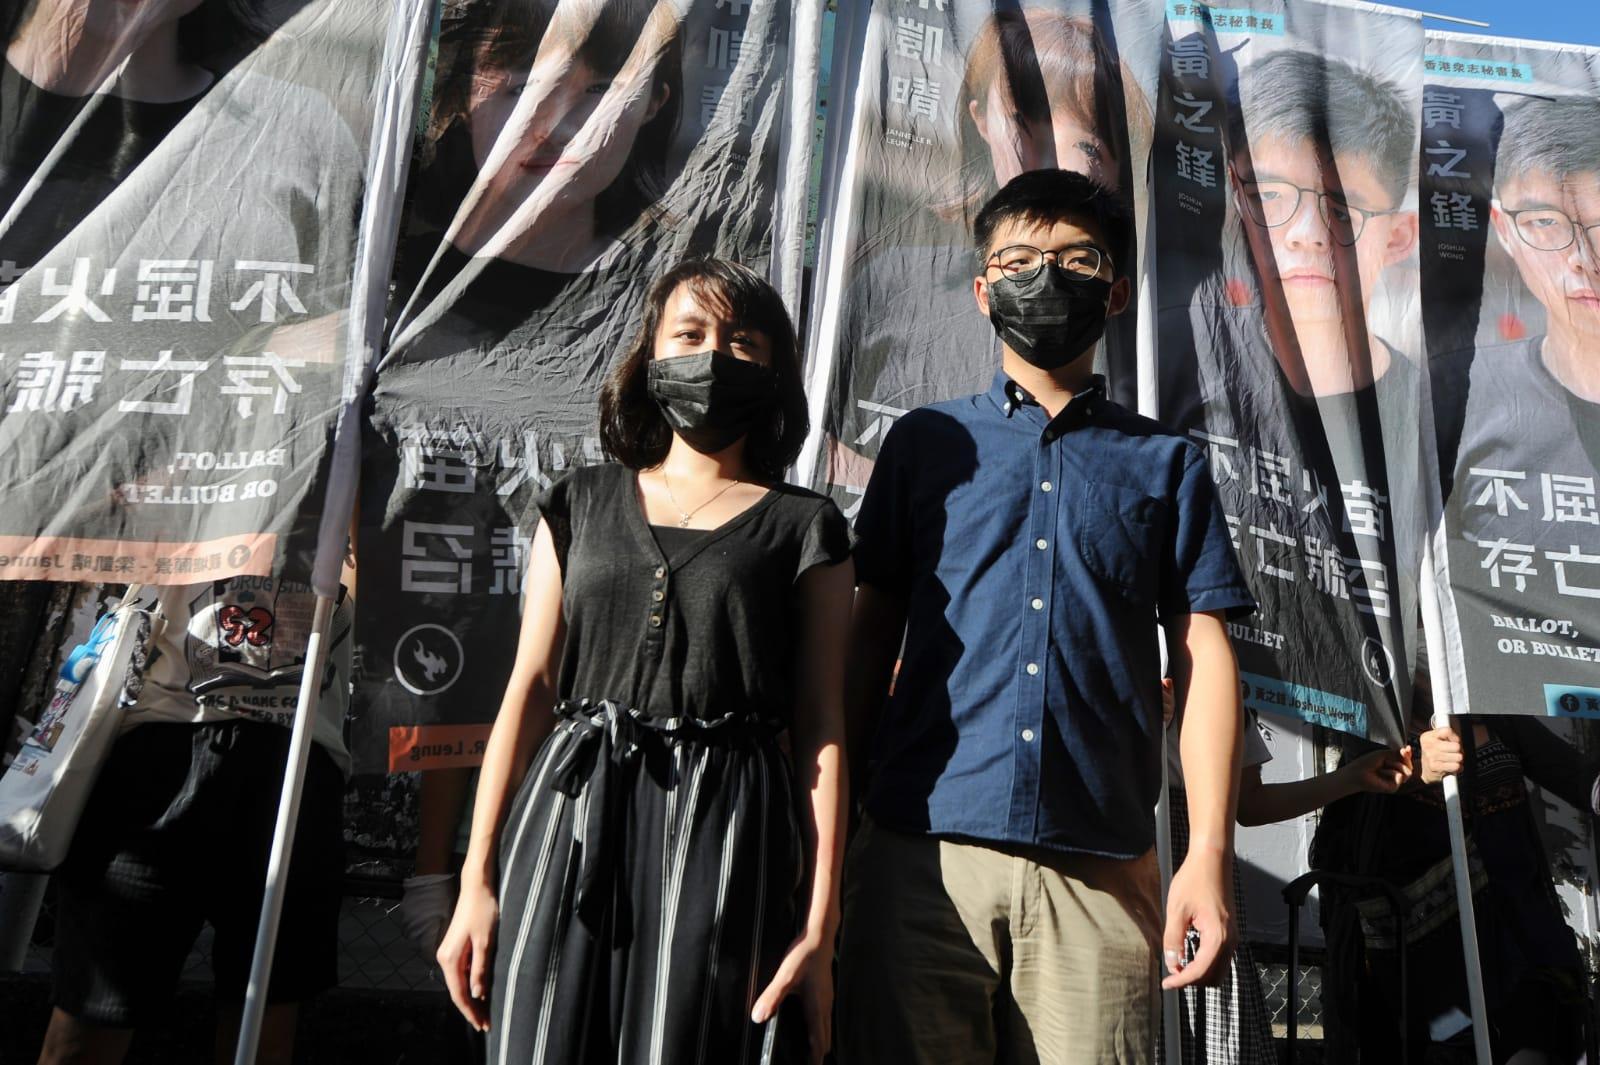 香港眾志秘書長黃之鋒今日(6月19日)正式宣佈,將參與未來的九龍東2020年立法會換屆選舉。觀塘區議員梁凱晴(左)前來表達對黃之鋒的支持。(宋碧龍/大紀元)